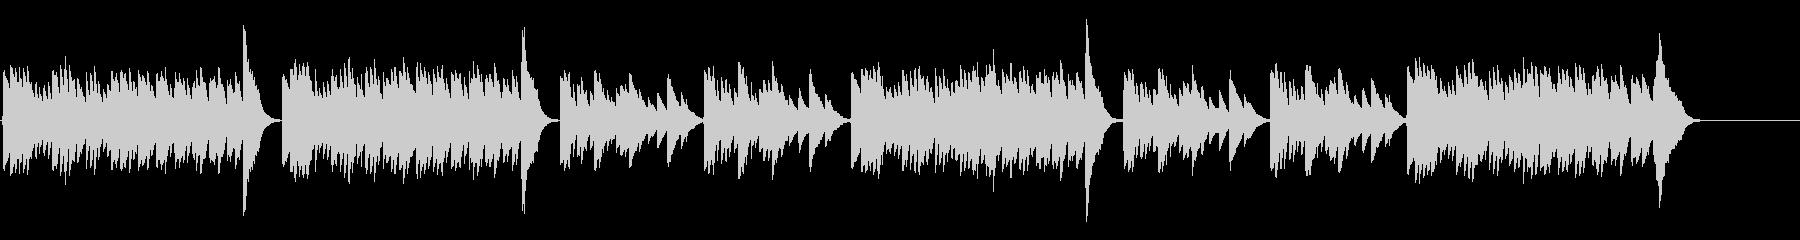 キラキラ星変奏曲(Var Ⅶ)オルゴールの未再生の波形